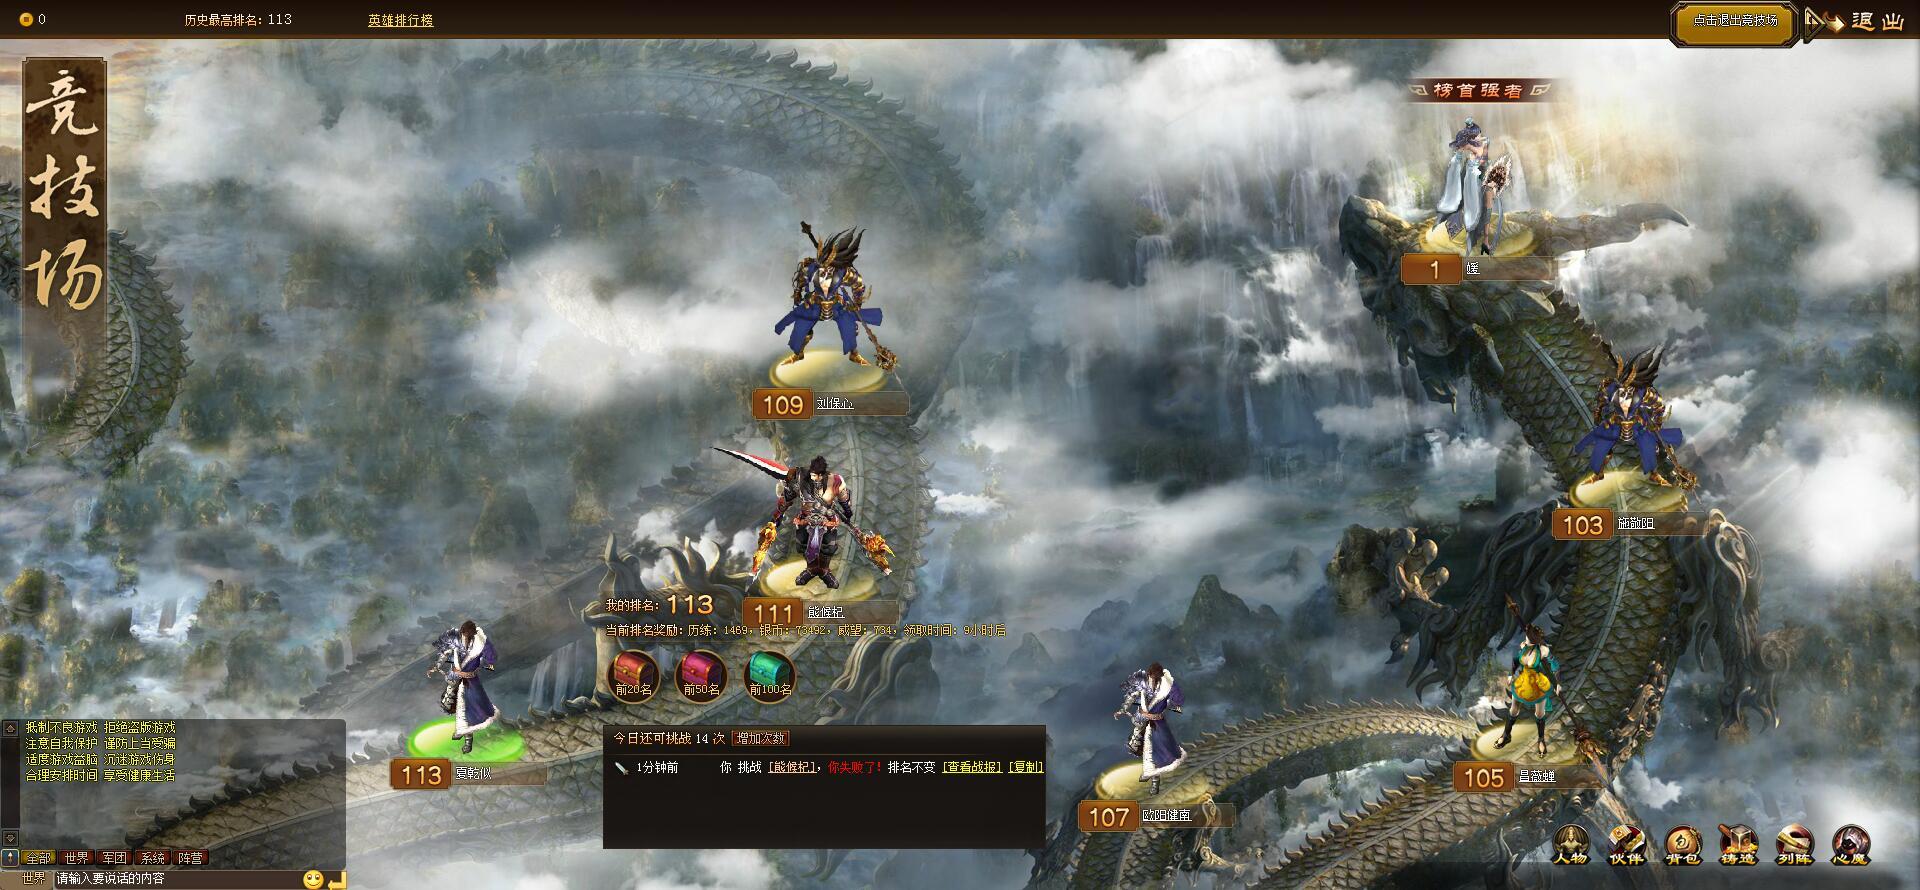 《乱战三国》游戏截图